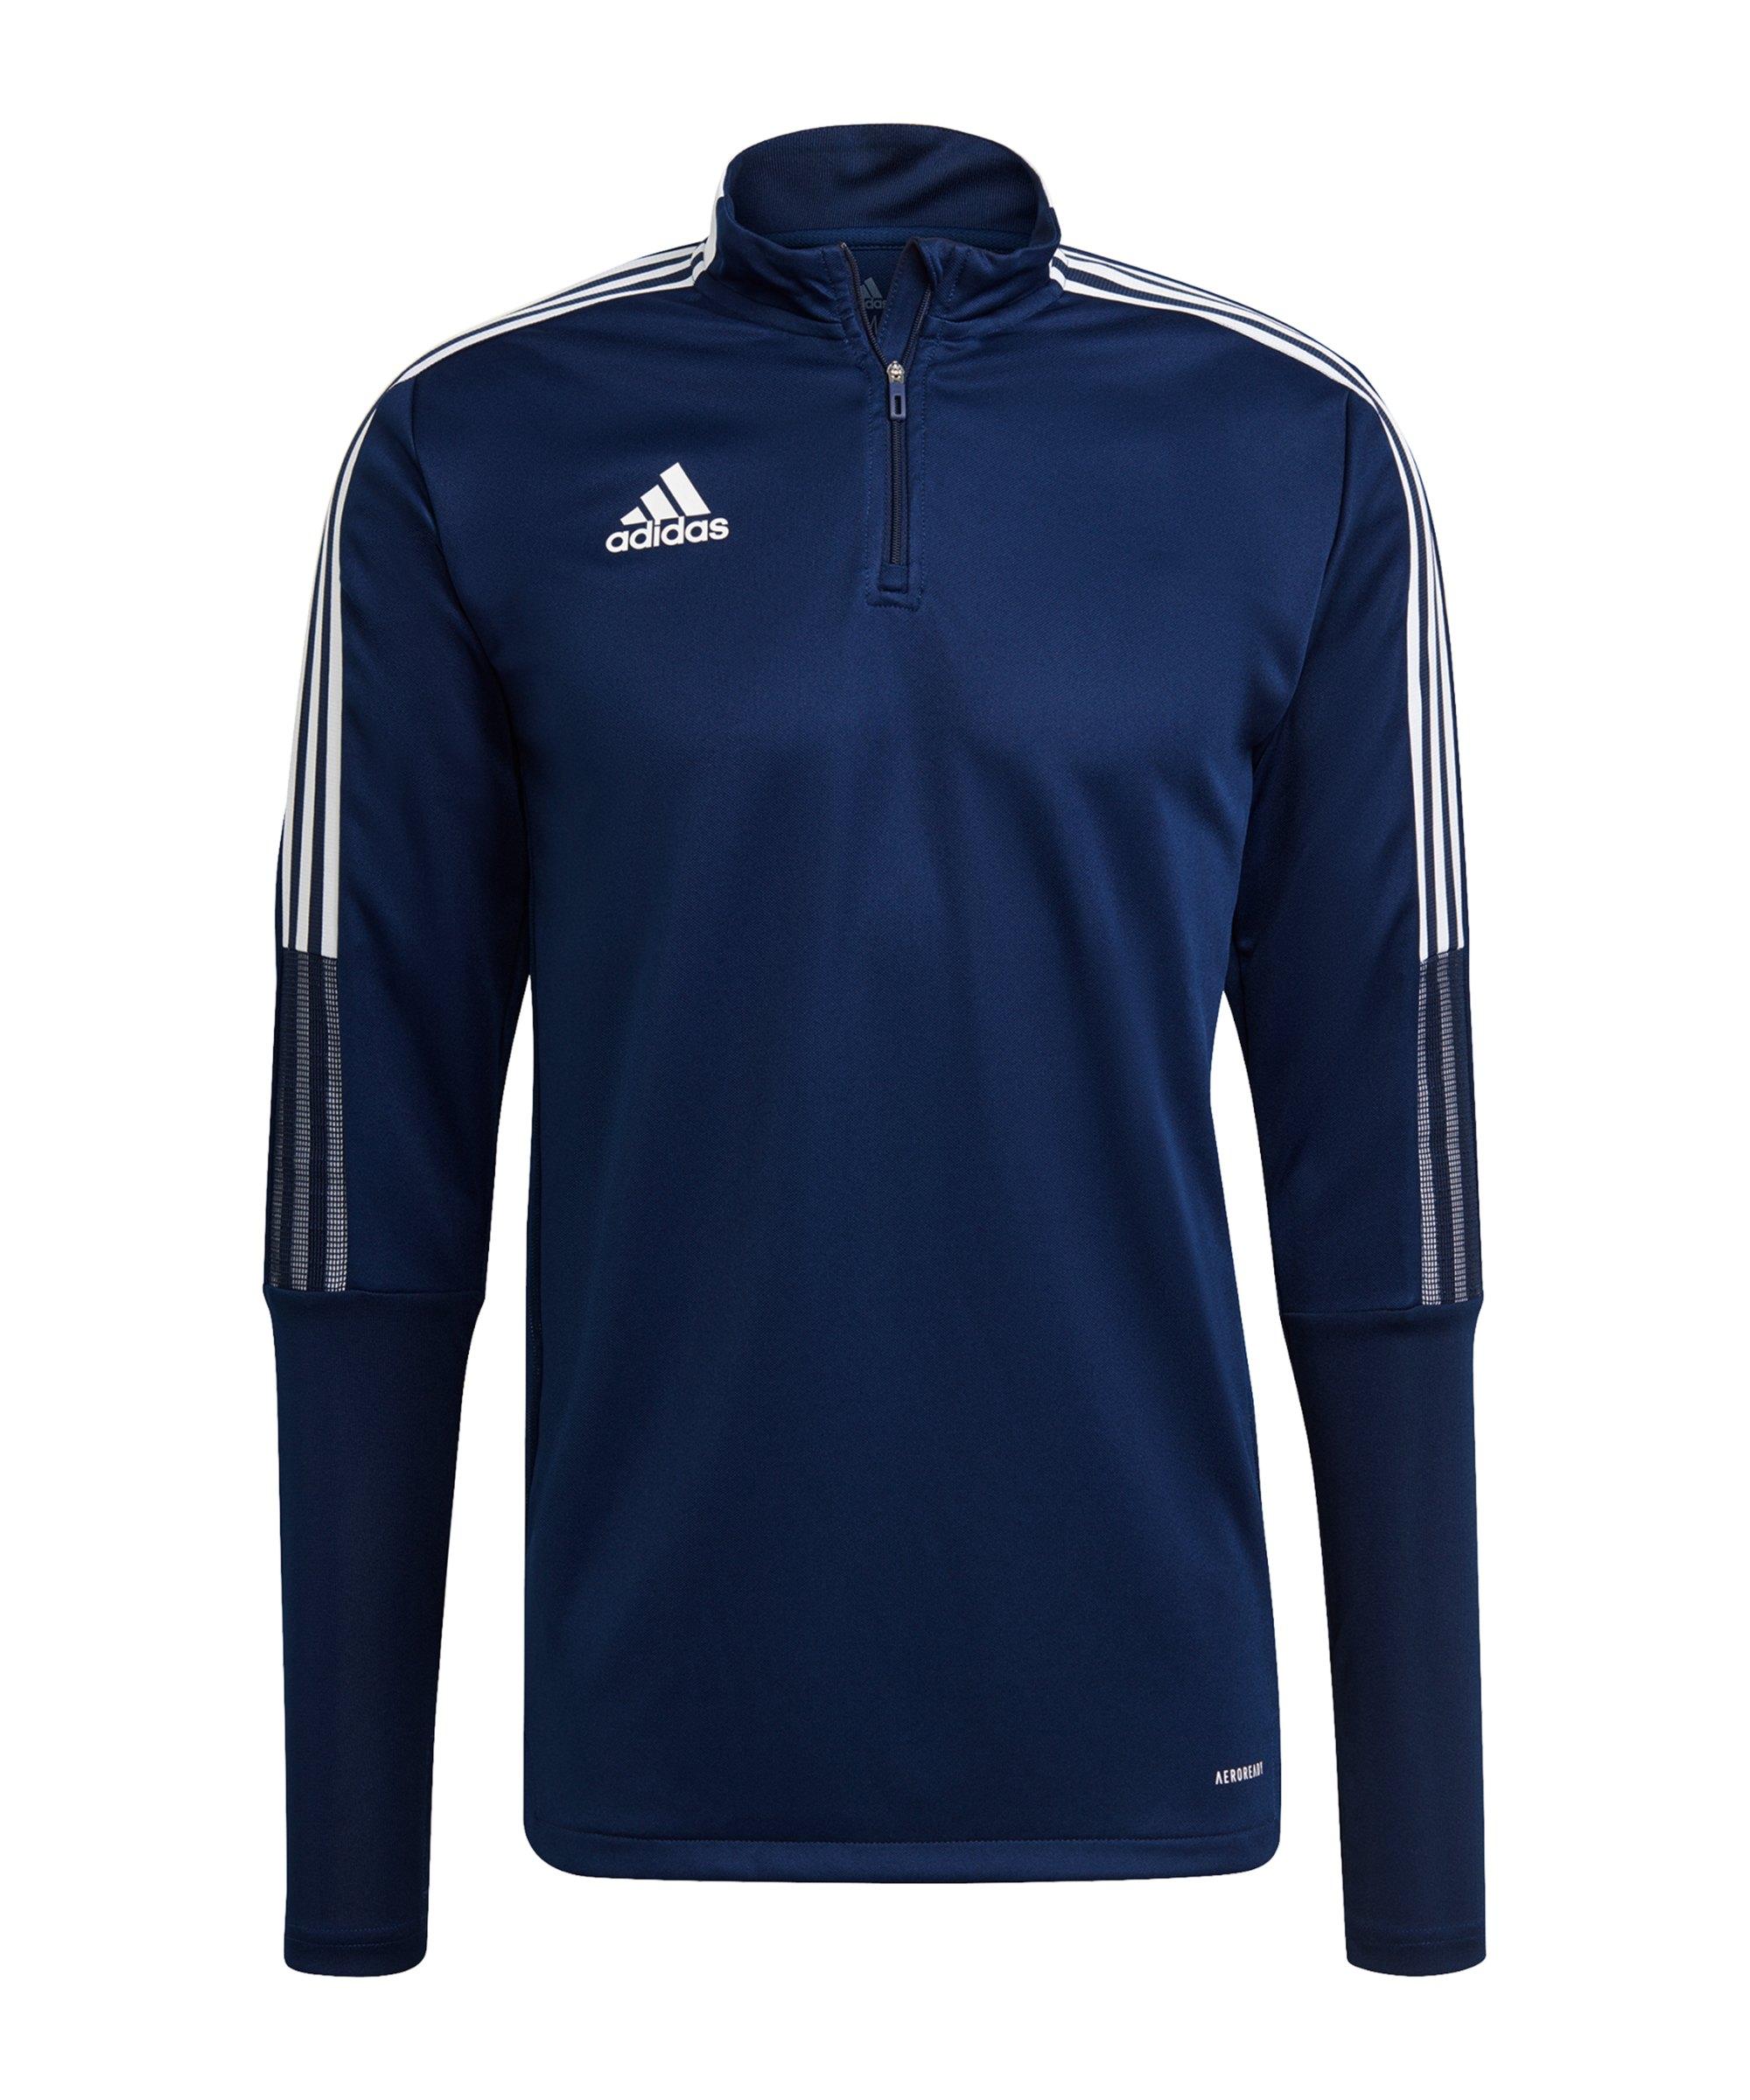 adidas Tiro 21 Trainingstop Dunkelblau - blau